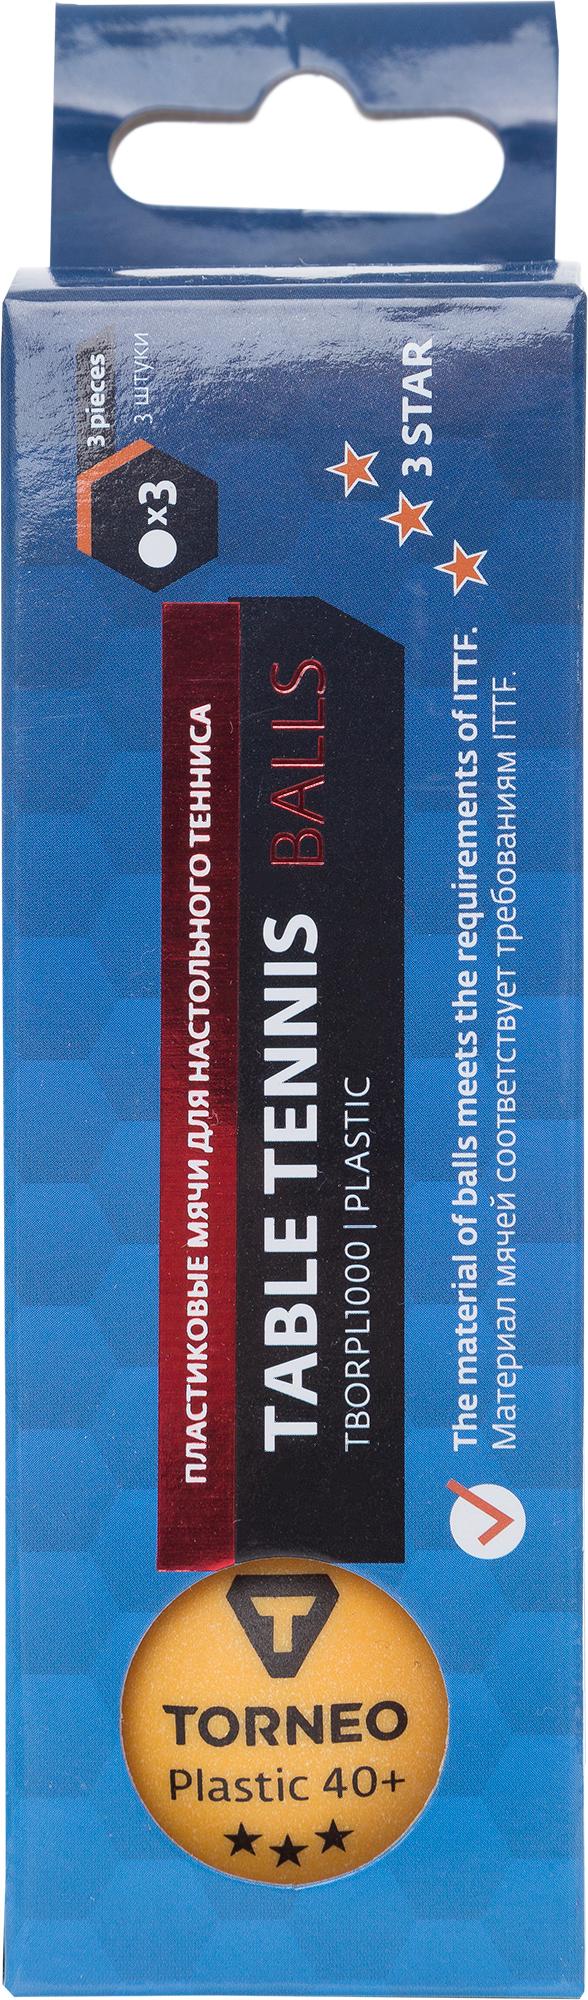 Torneo Набор мячей для настольного тенниса Torneo, 3 шт